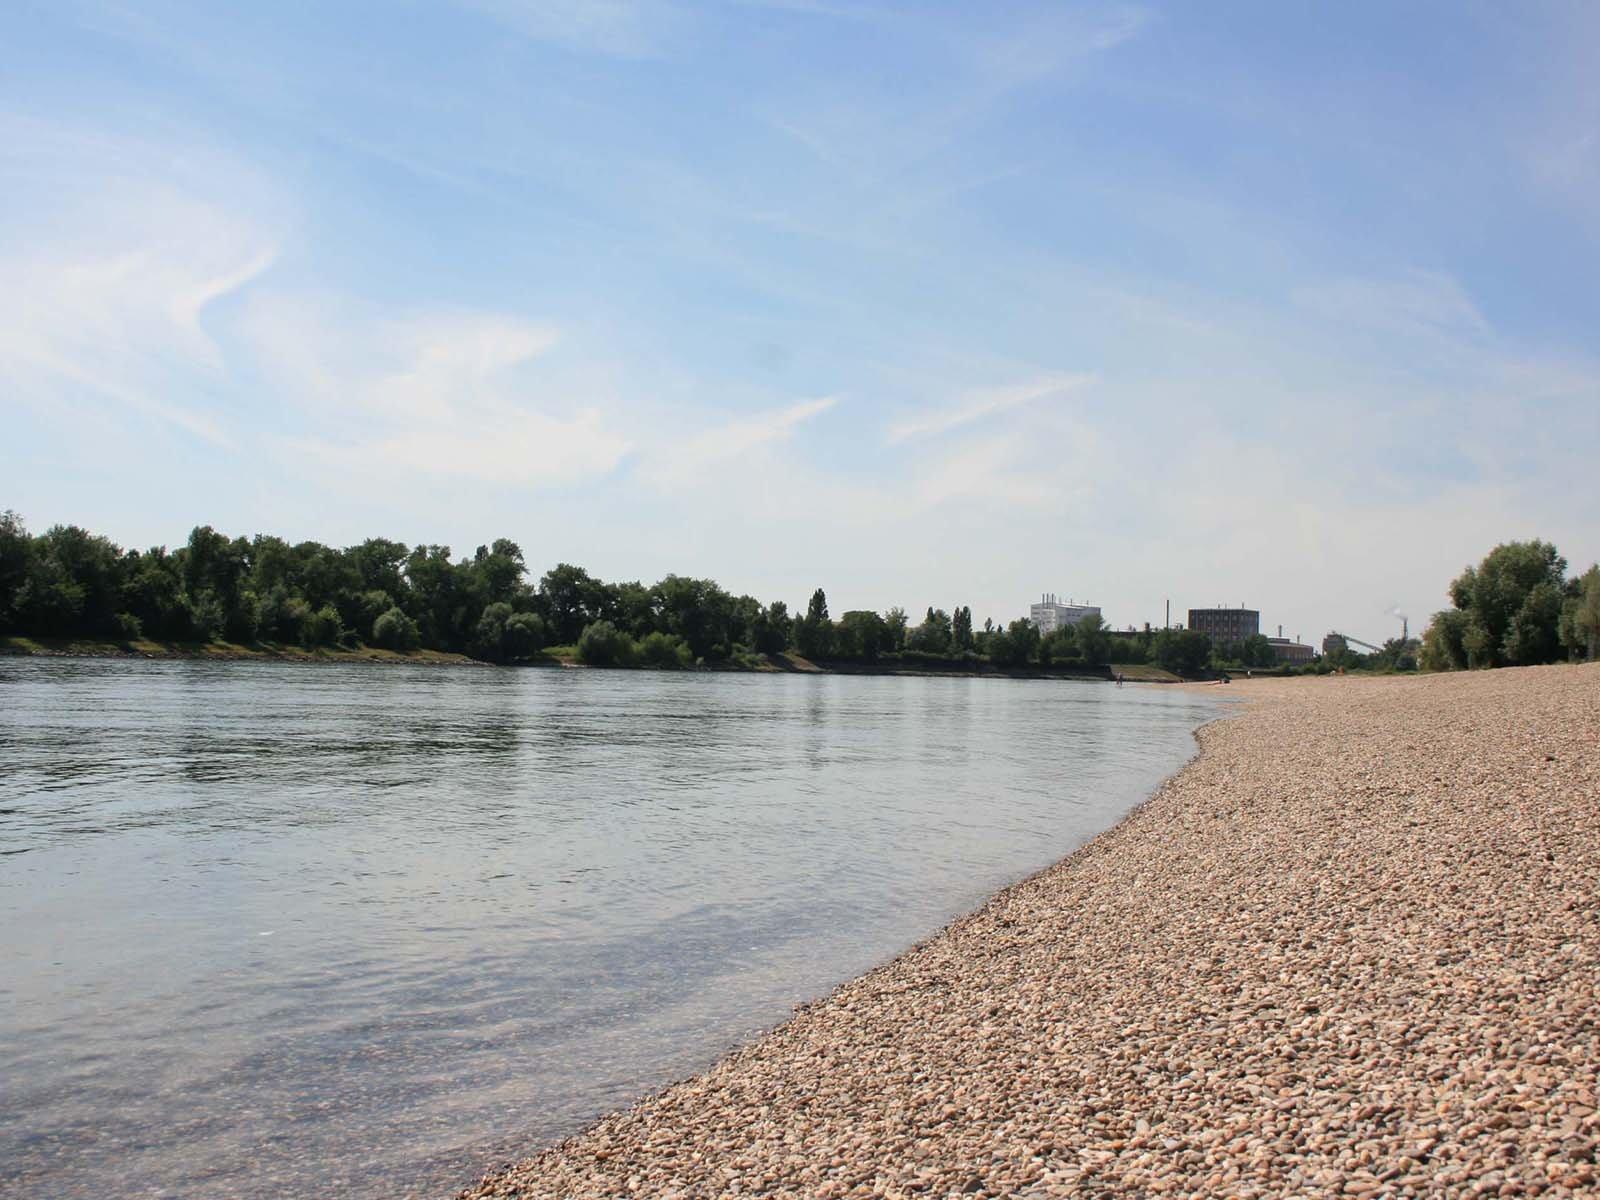 Rheinufer am Strandbad, Mannheim